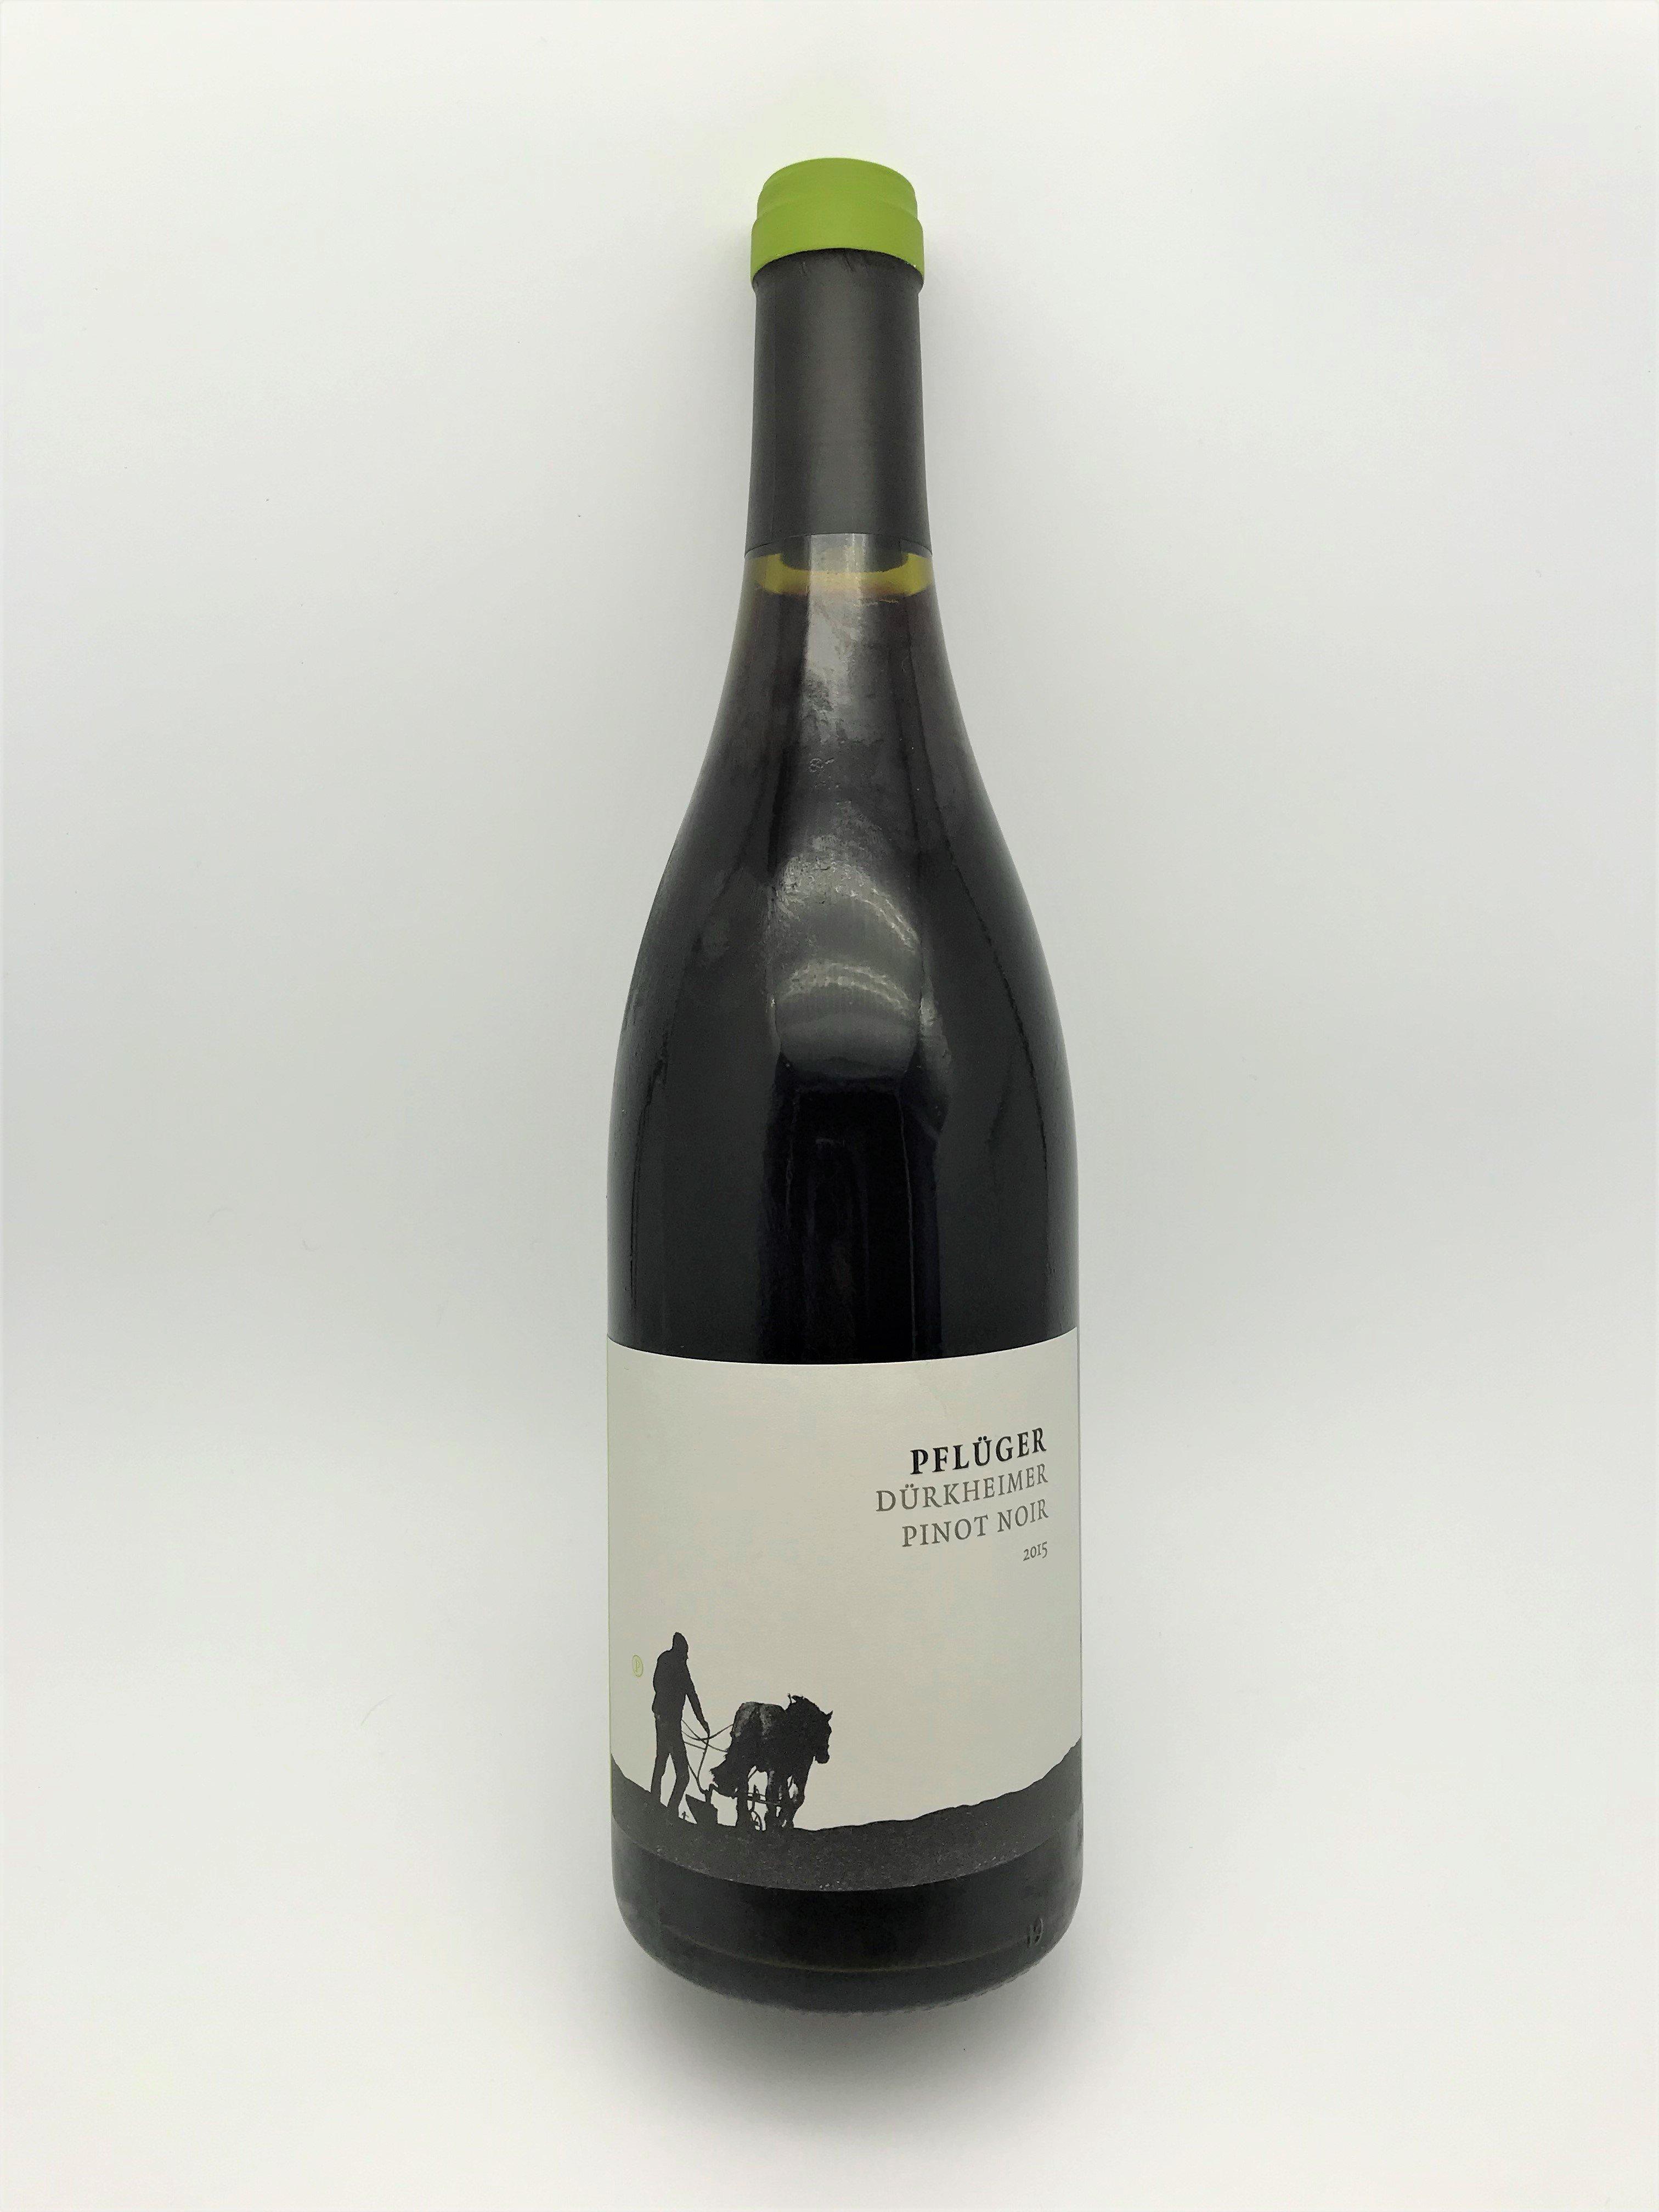 Pinot Noir 'Durkheimer' Pfluger 2017 GER2